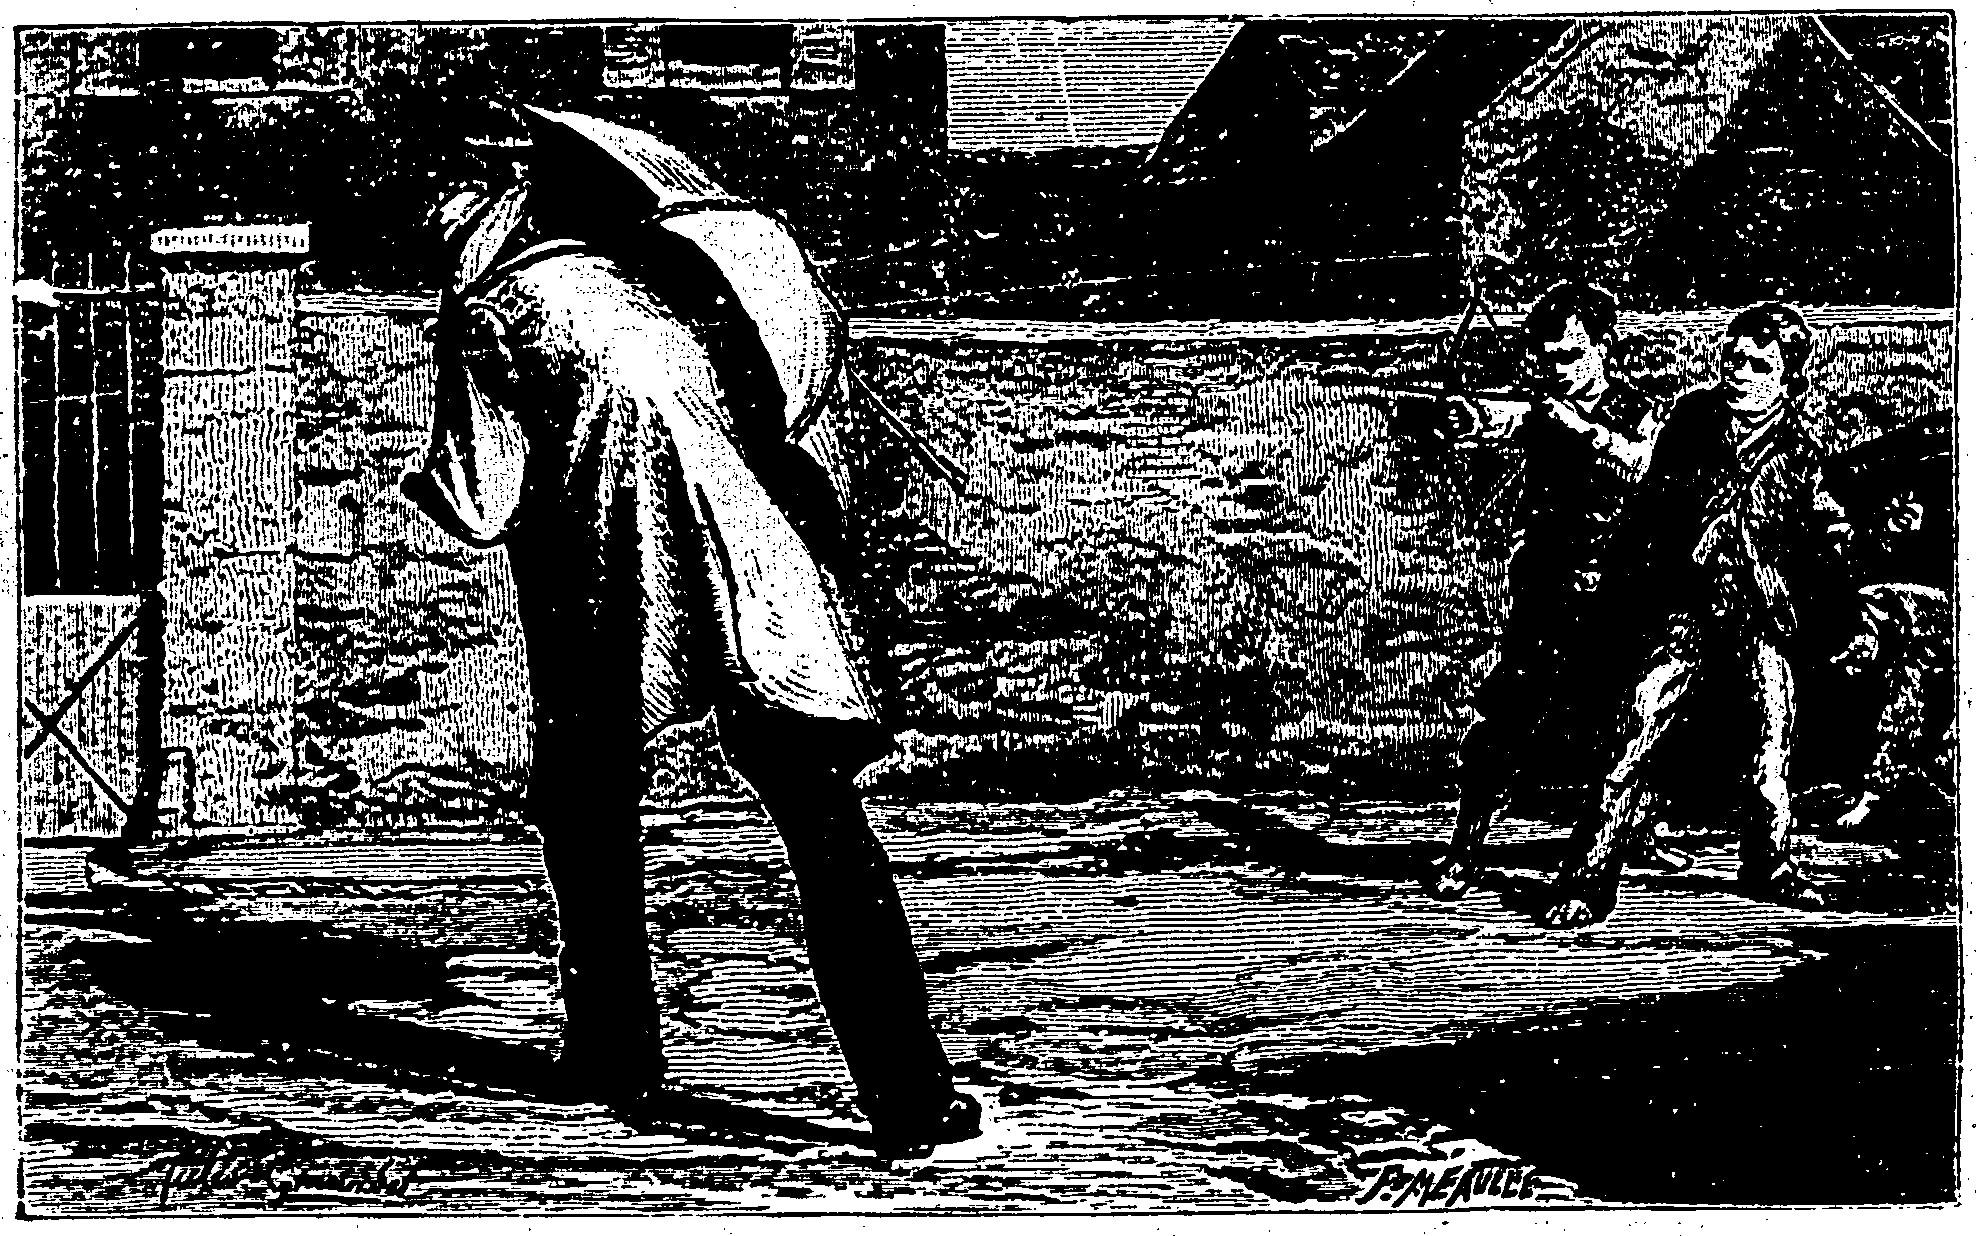 Les mauvais garnements - Kergomard 50 images expliquées n°11